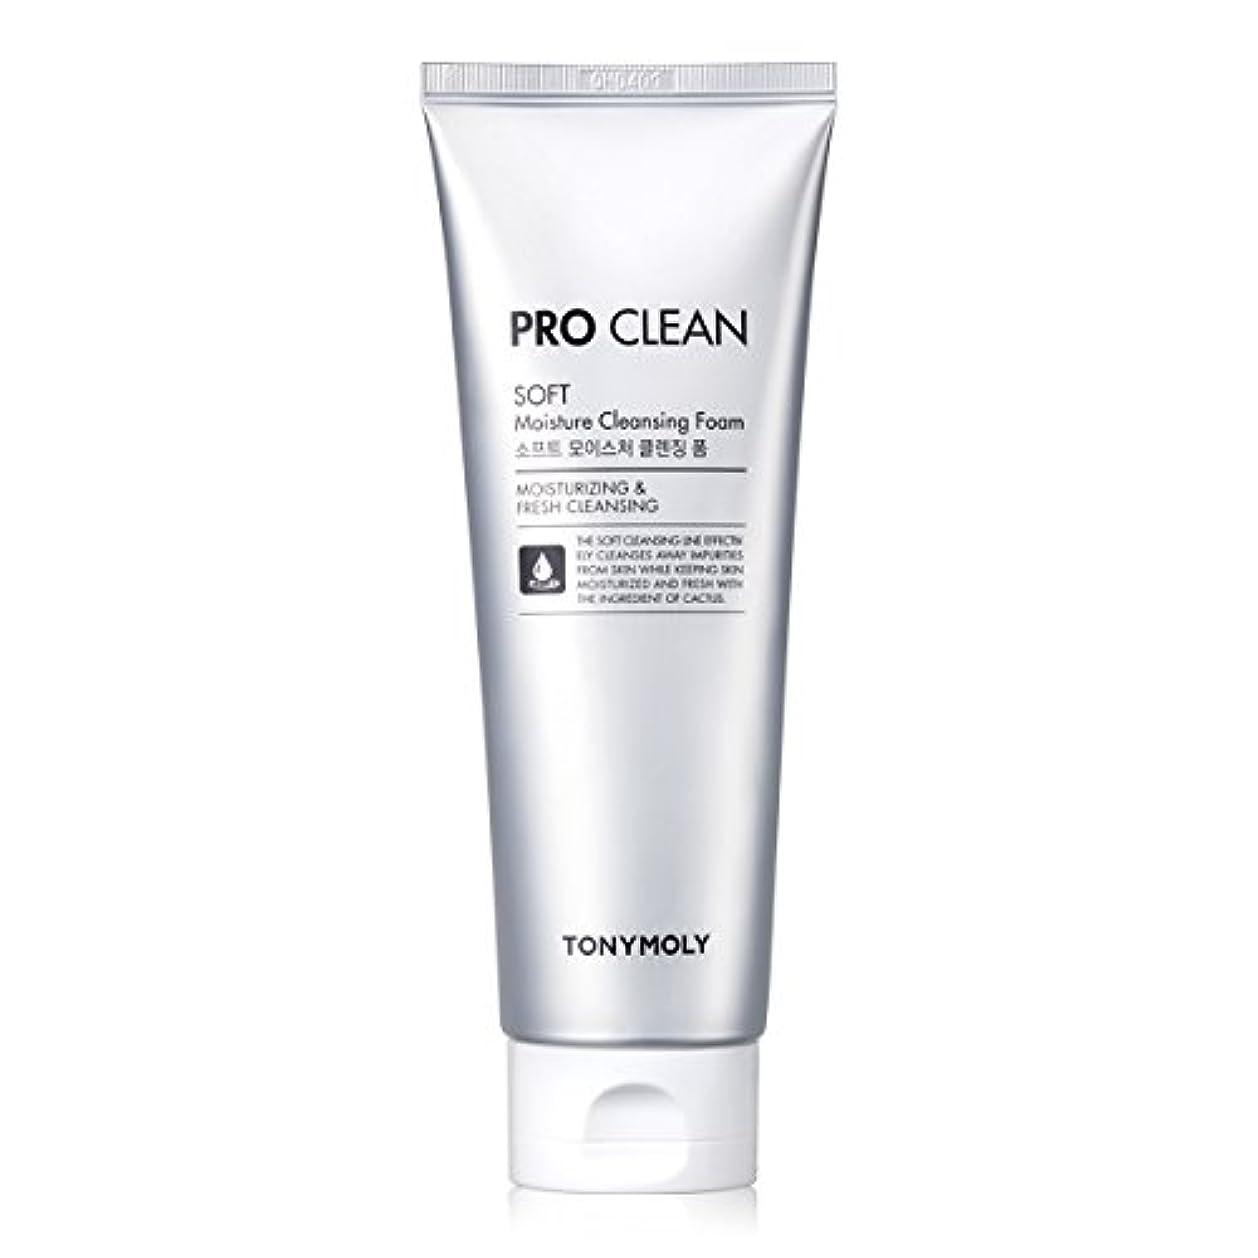 禁止するキノコ分類[New] TONYMOLY Pro Clean Soft Moisture Cleansing Foam 150ml/トニーモリー プロ クリーン ソフト モイスチャー クレンジングフォーム 150ml [並行輸入品]